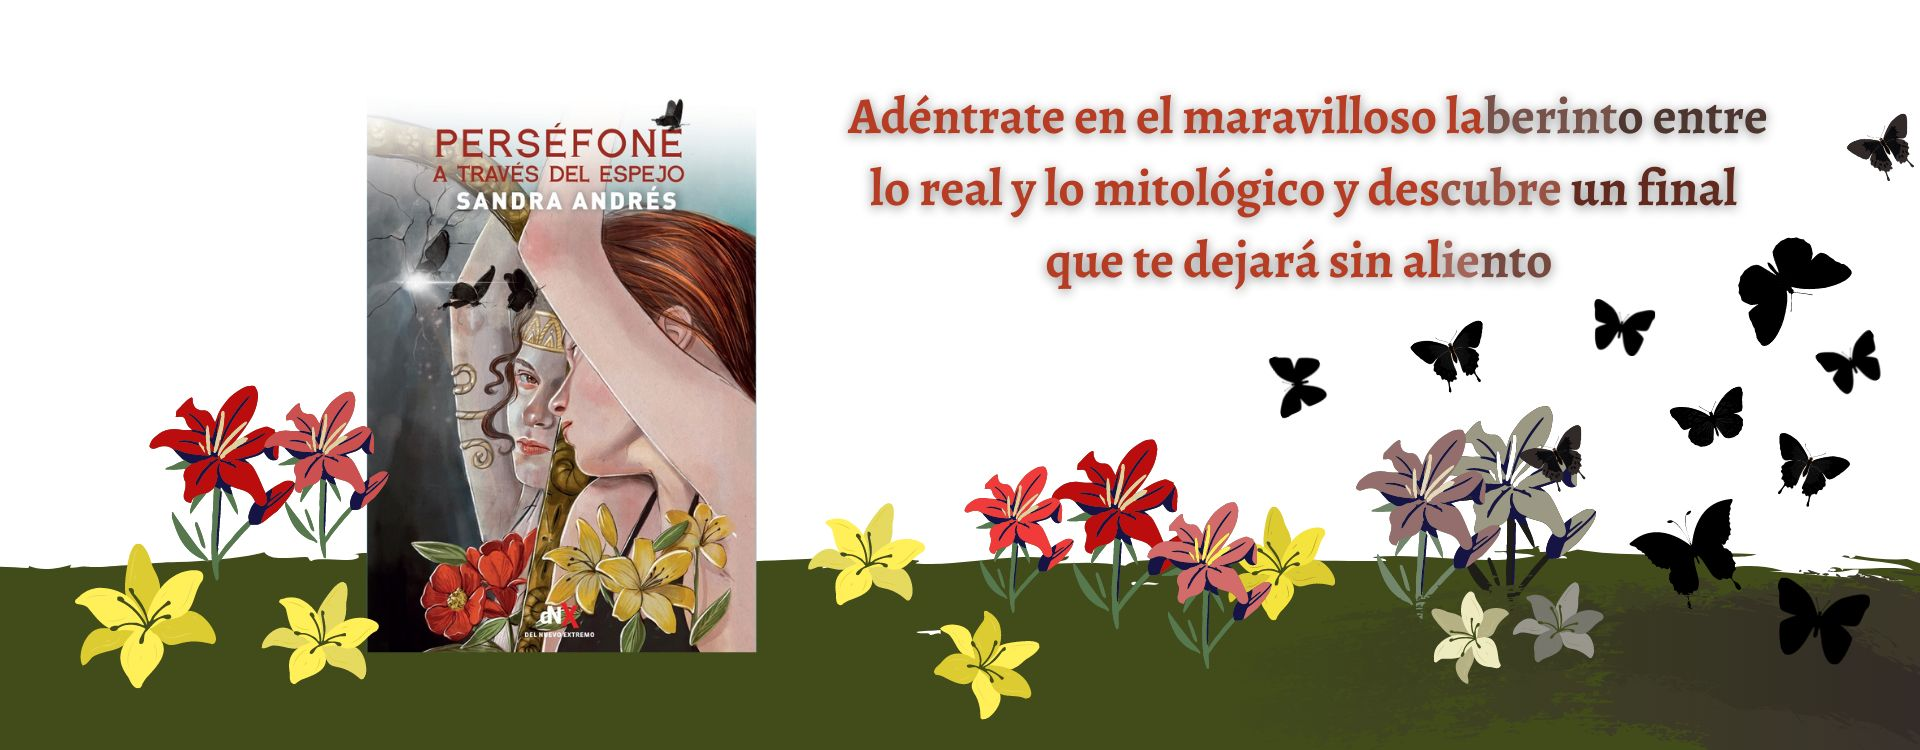 https://www.dnxlibros.es/p8745854-persefone-a-traves-del-espejo-sandra-andres.html